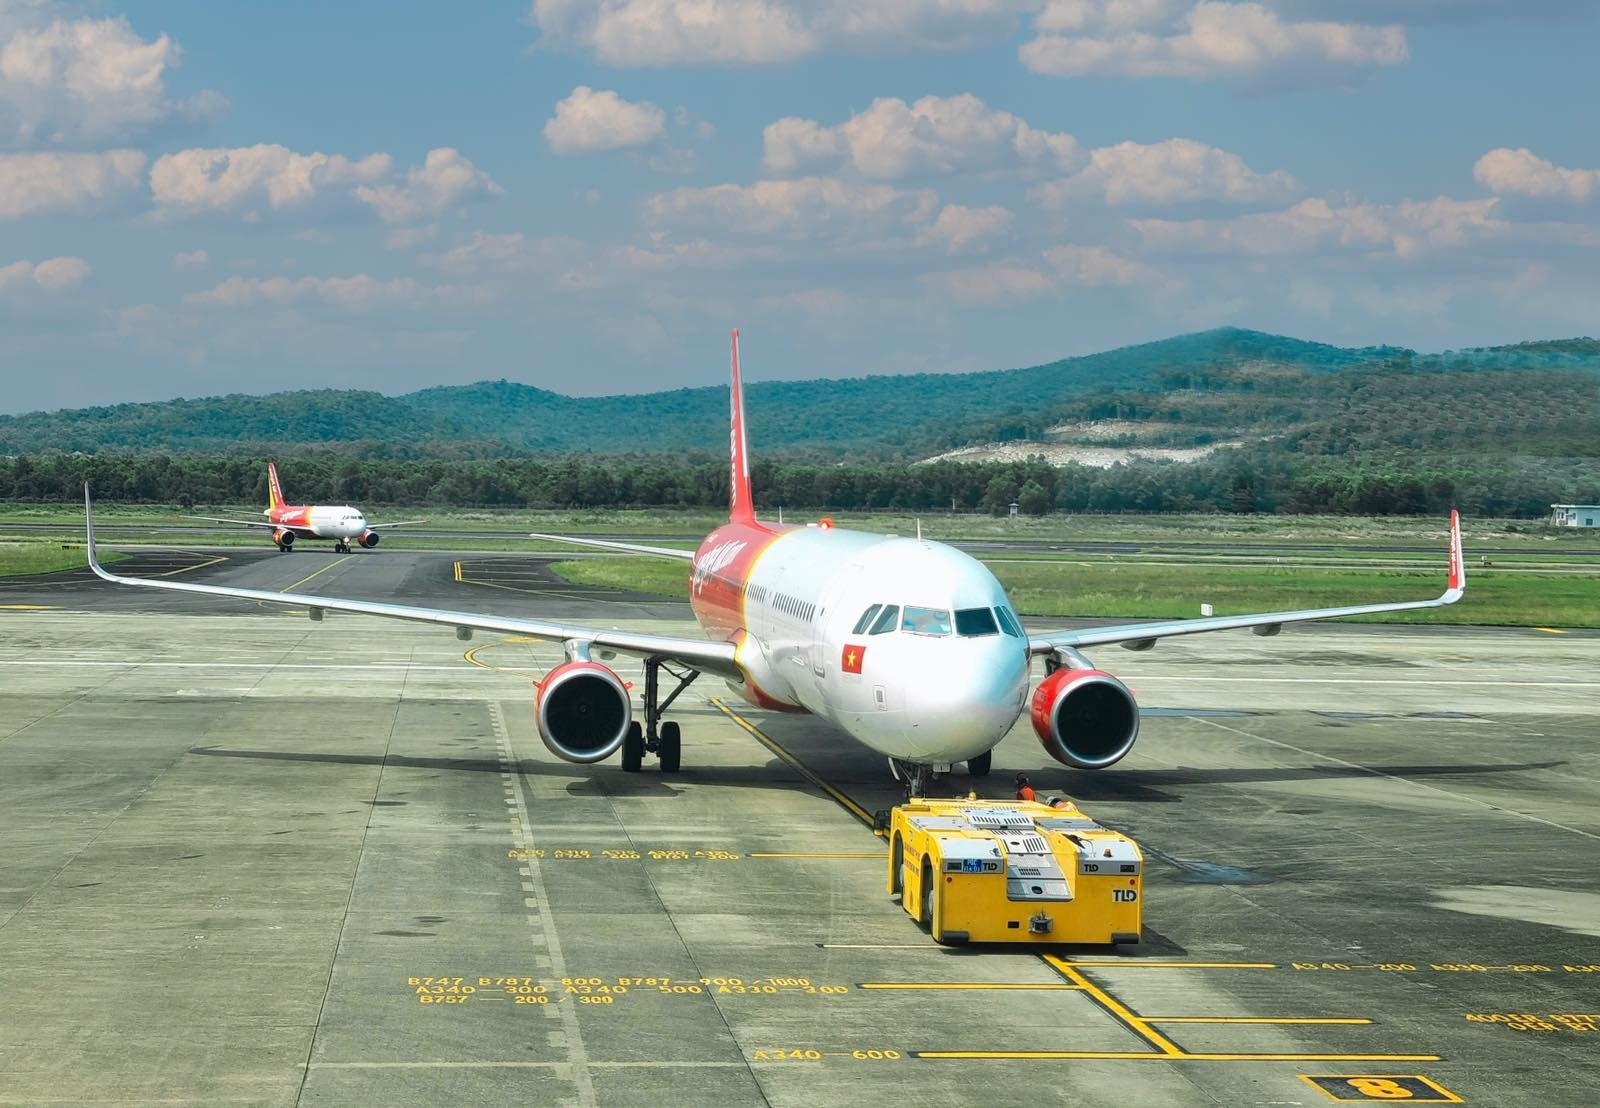 Vietjet anh 6  - Tau_bay_Vietjet_PQC - Vietjet khai thác 10 đường bay thẳng đến Phú Quốc